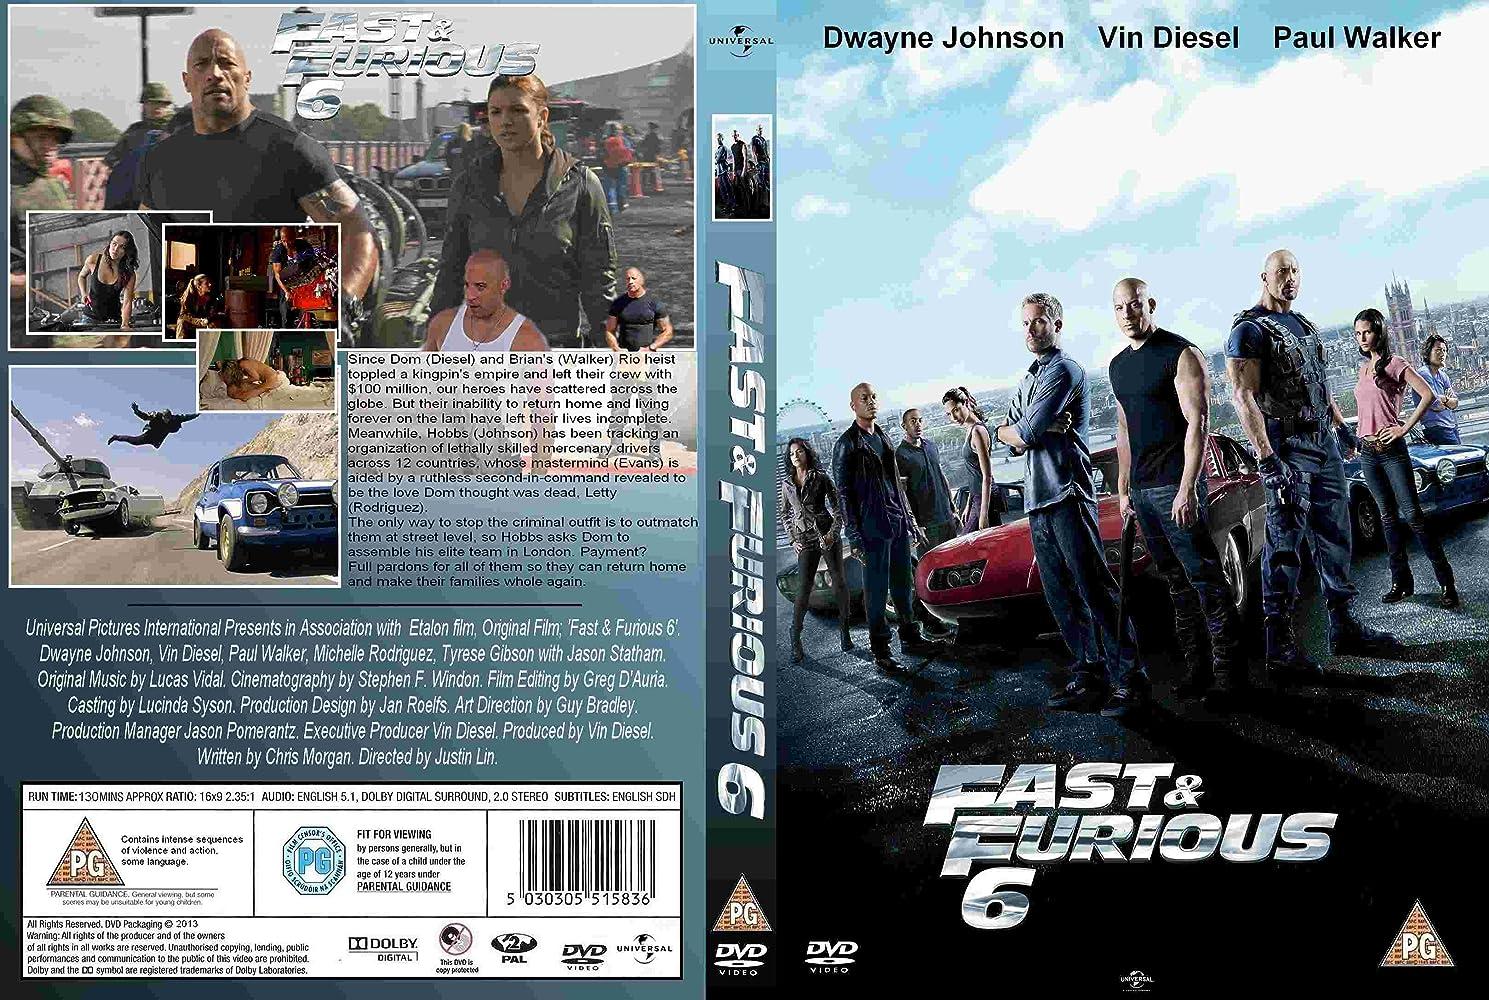 Sinopsis Film Fast And Furious 6 Aksi Kembalinya Dominic Tayang Di Gtv Malam Ini Pukul 21 00 Wib Tribunnews Com Mobile